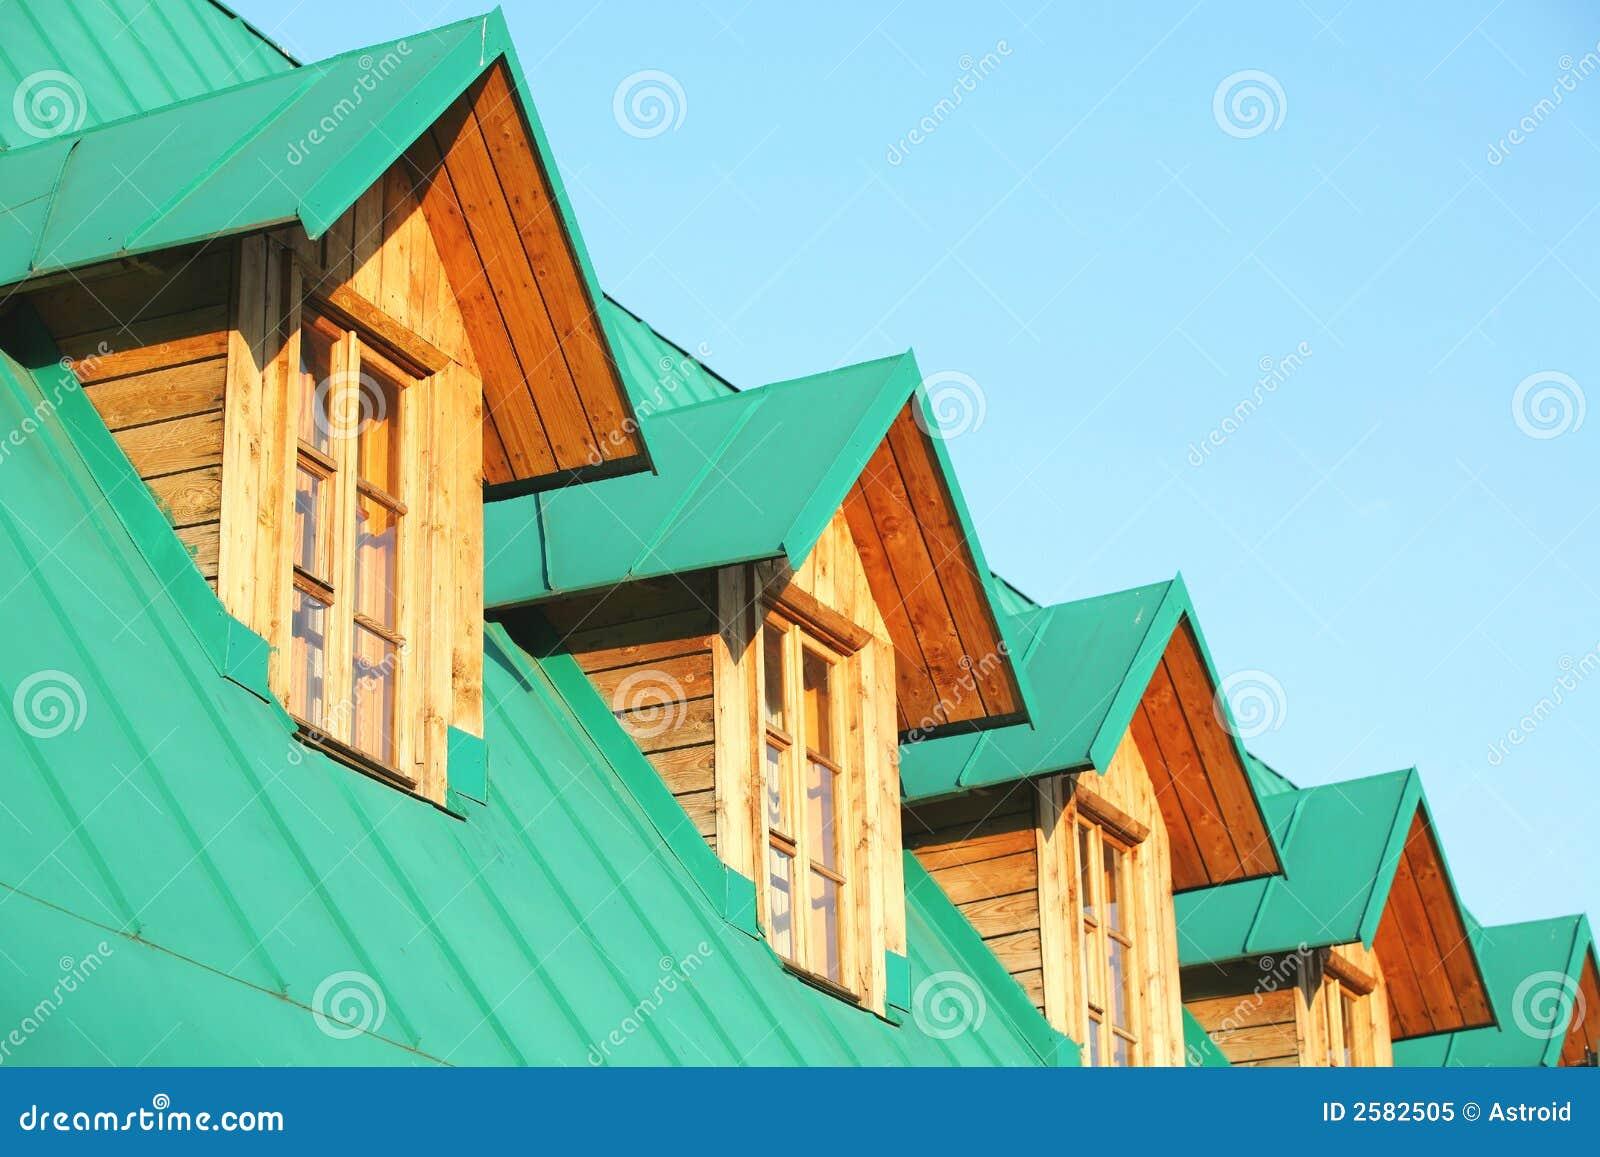 Architektur gr ne mansarde lizenzfreies stockfoto bild 2582505 - Grune architektur ...